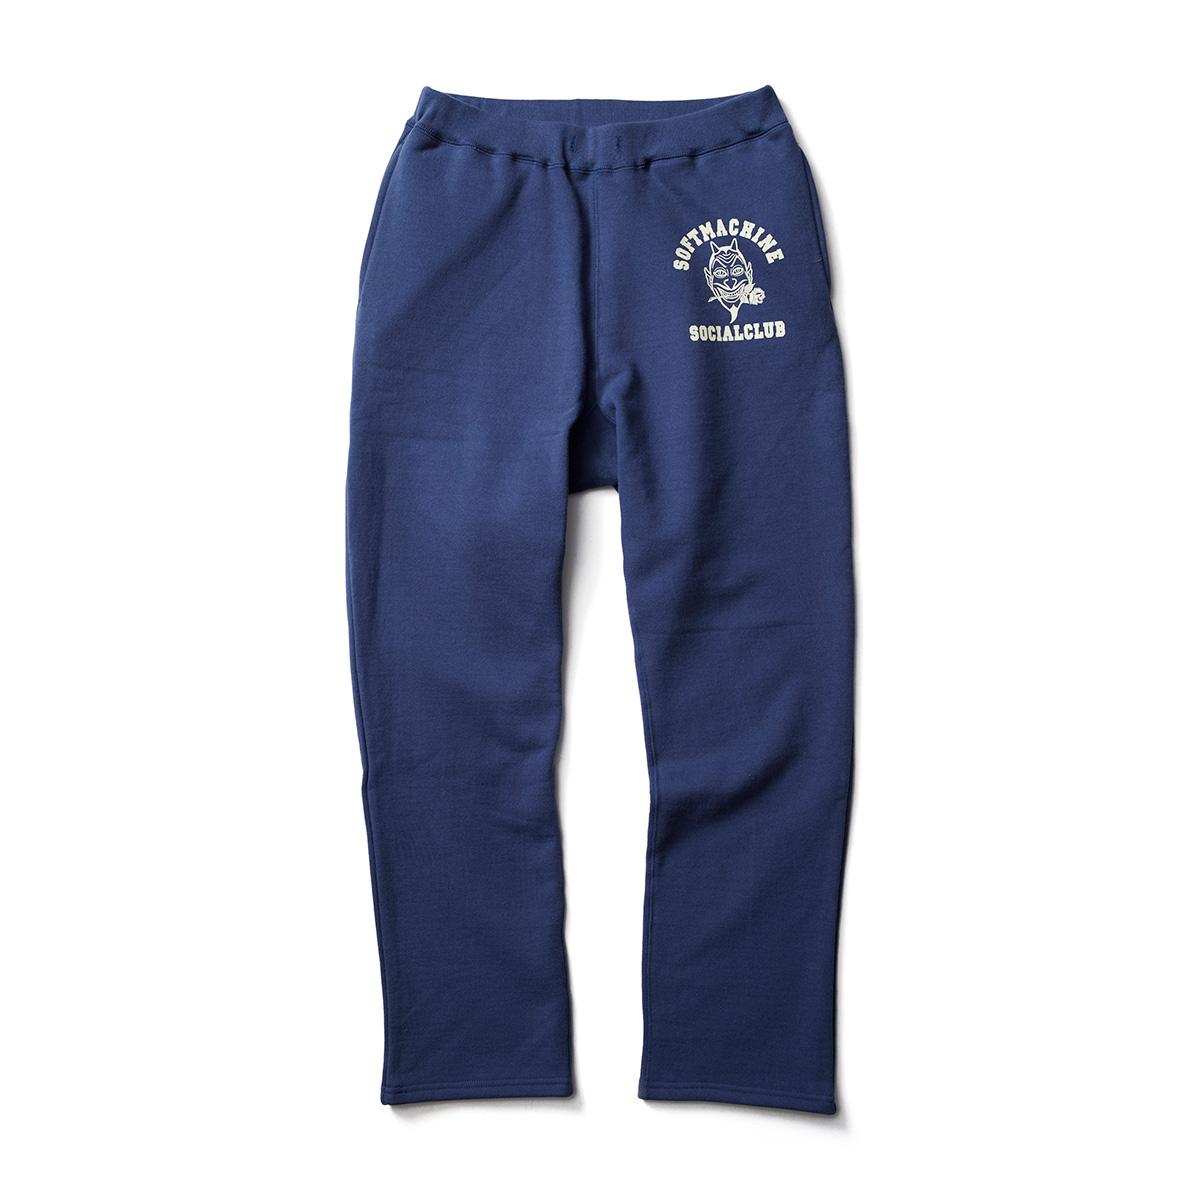 SC SWEAT PANTS